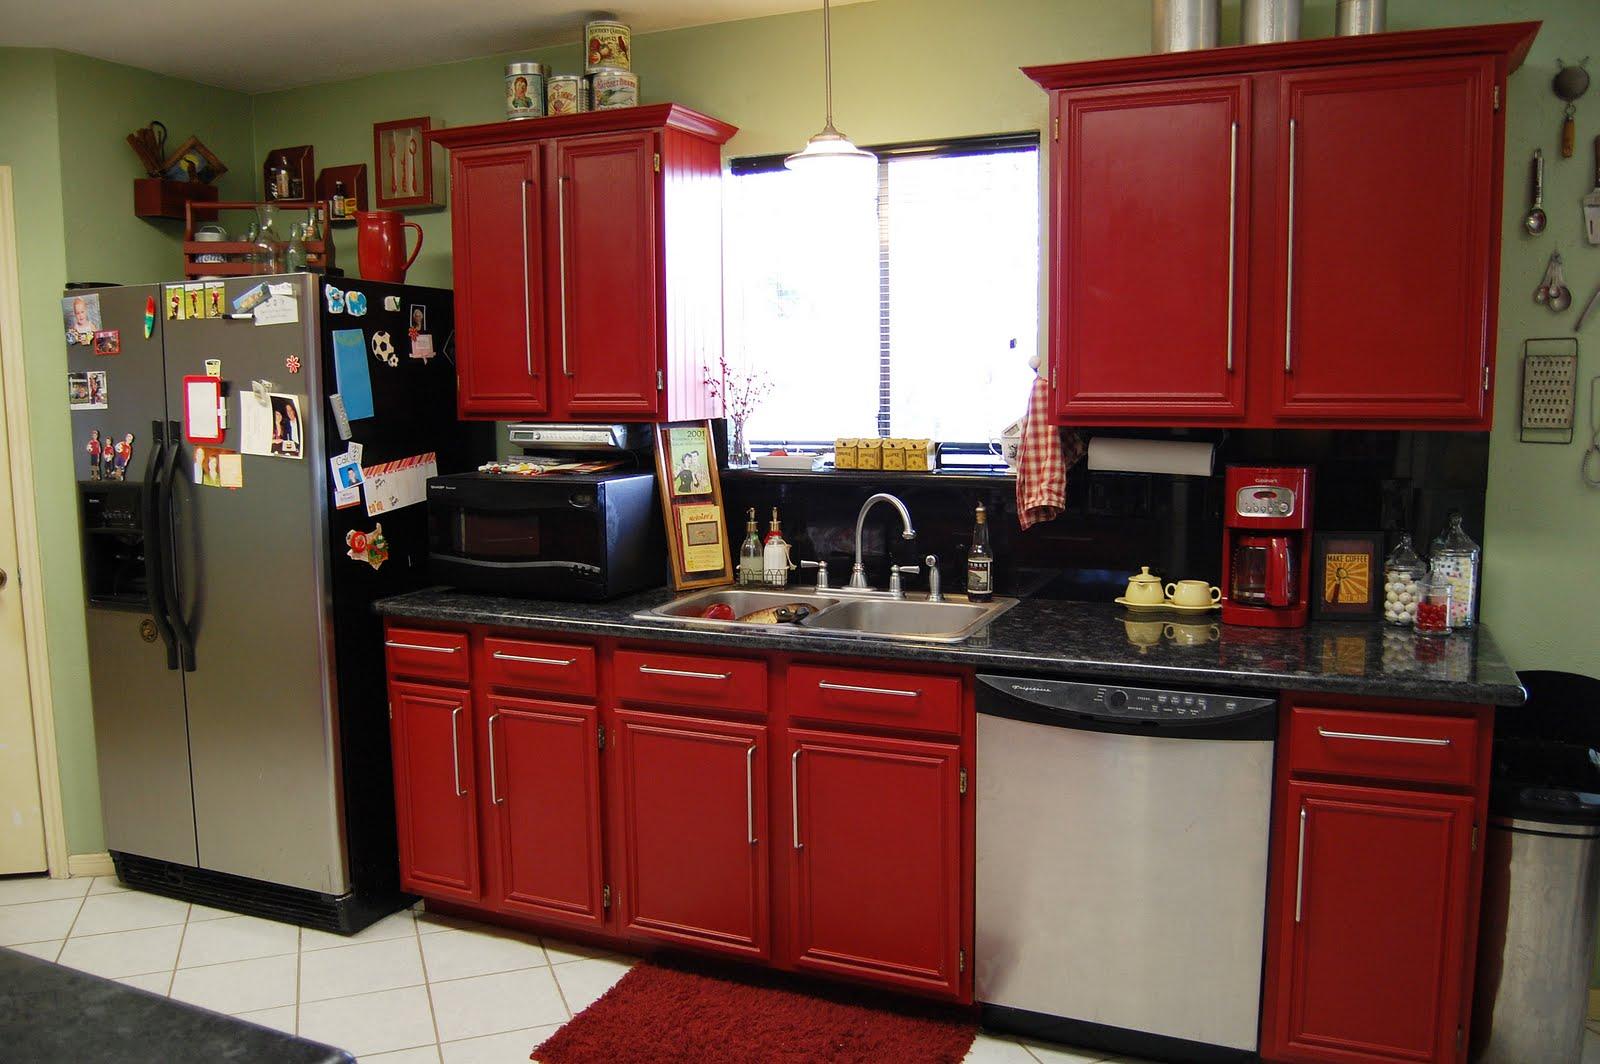 meubles-de-cuisine-attrayants-avec-armoire-de-cuisine-rouge-entre-petite-fenetre-sur-mur-calme